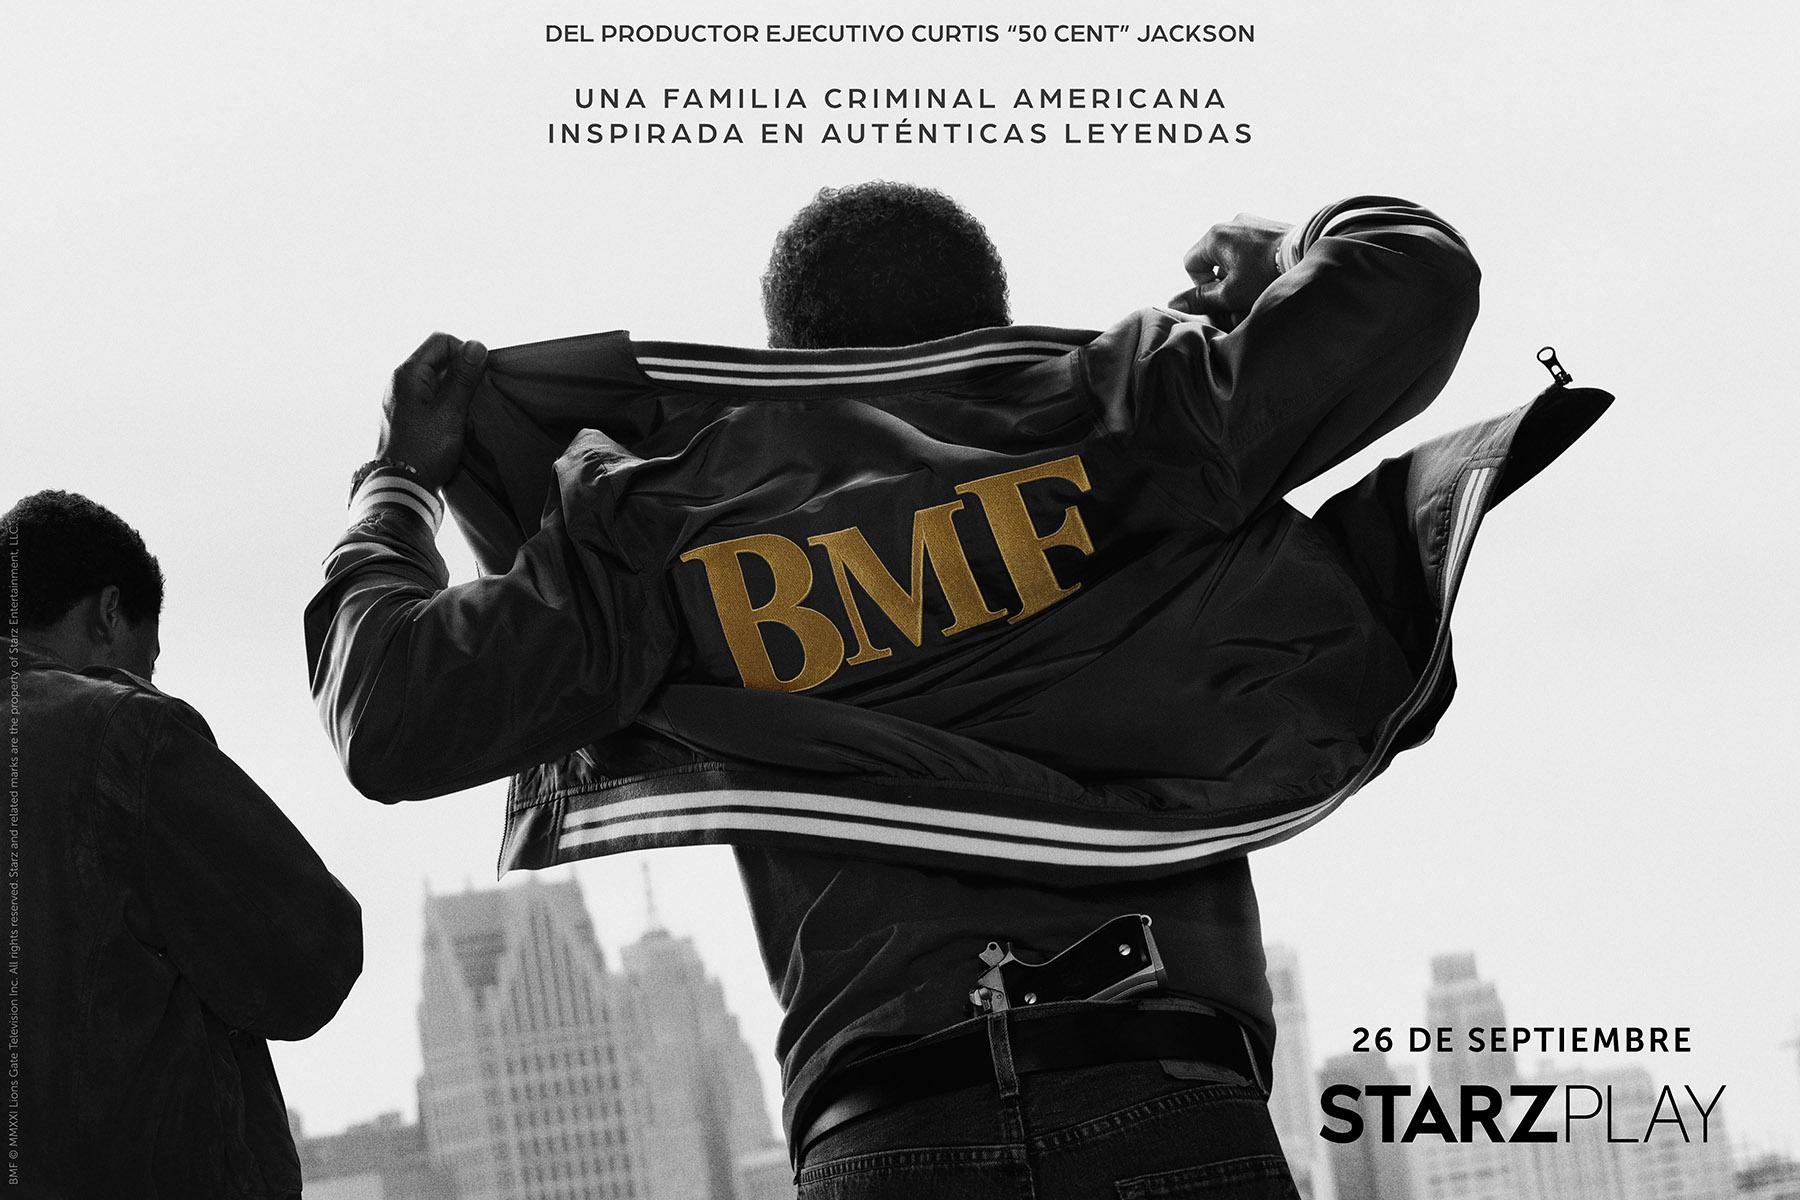 """Starzplay anuncia el crimen dramático en los años 80's """"BMF"""", la reciente serie del productor ejecutivo curtis """"50"""" Cent Jackson, que se estrenará el domingo 26 de septiembre"""